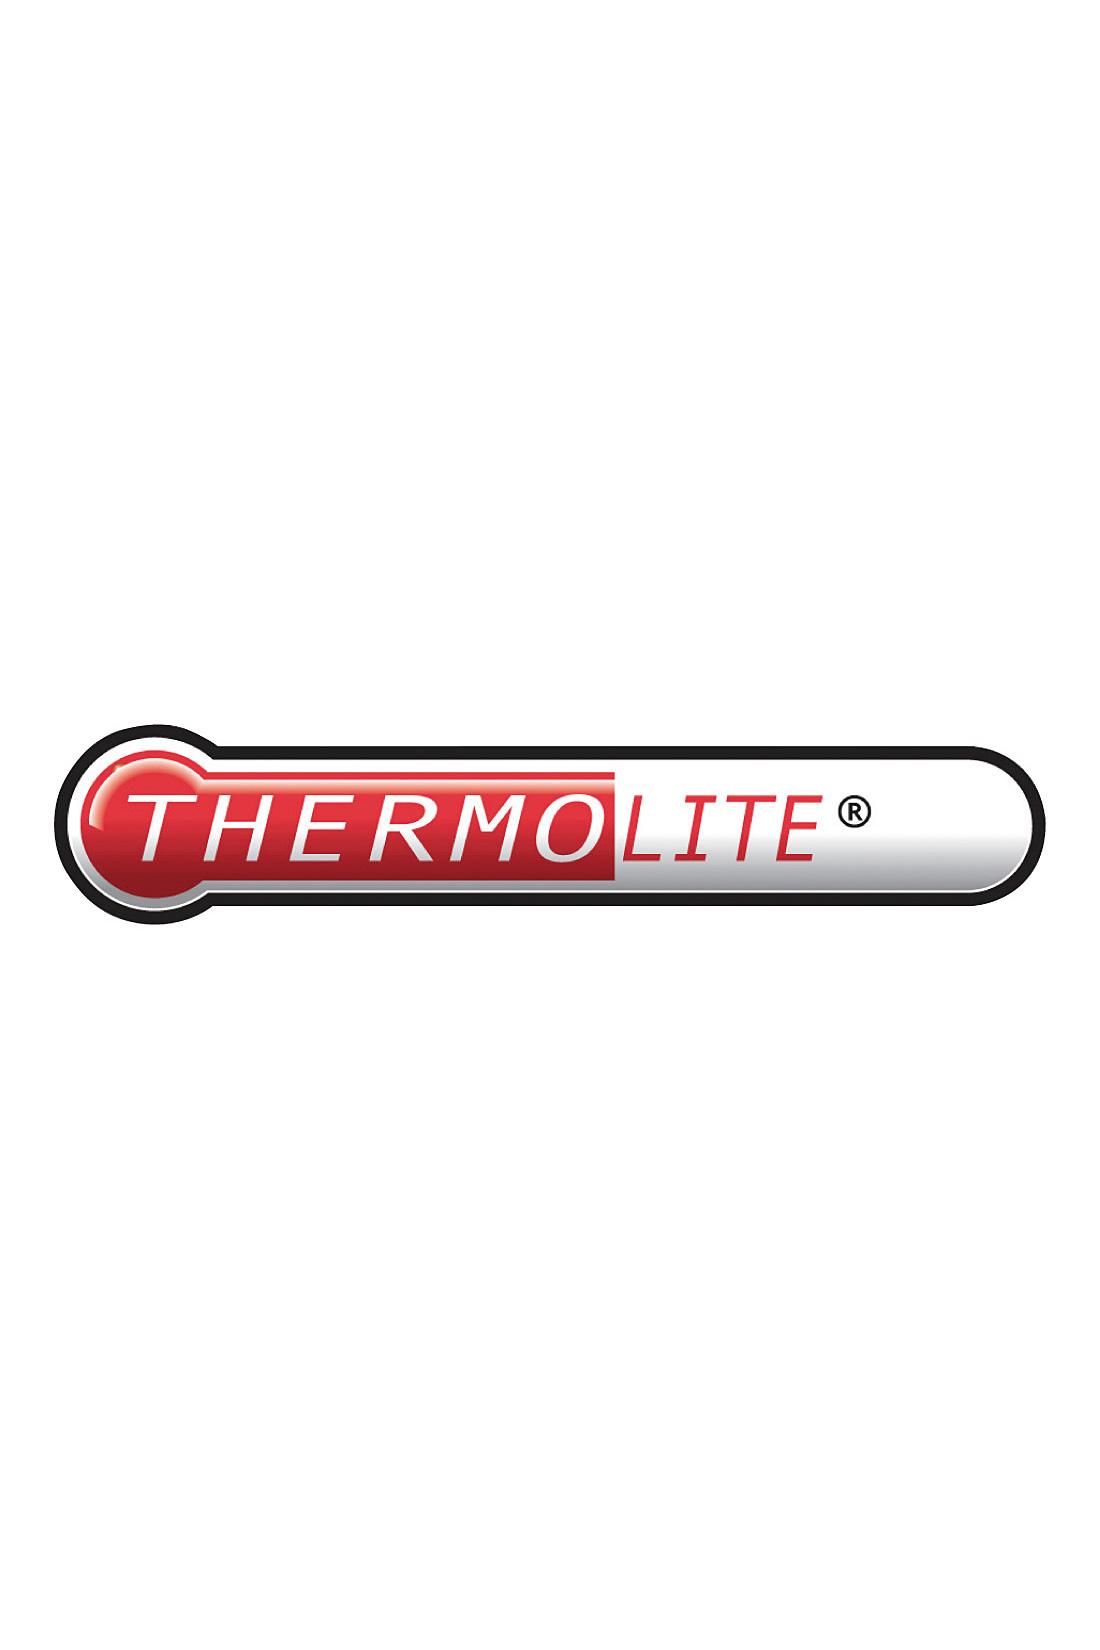 サーモライト(R)(THERMOLITE(R))はインビスタ社の商標です。